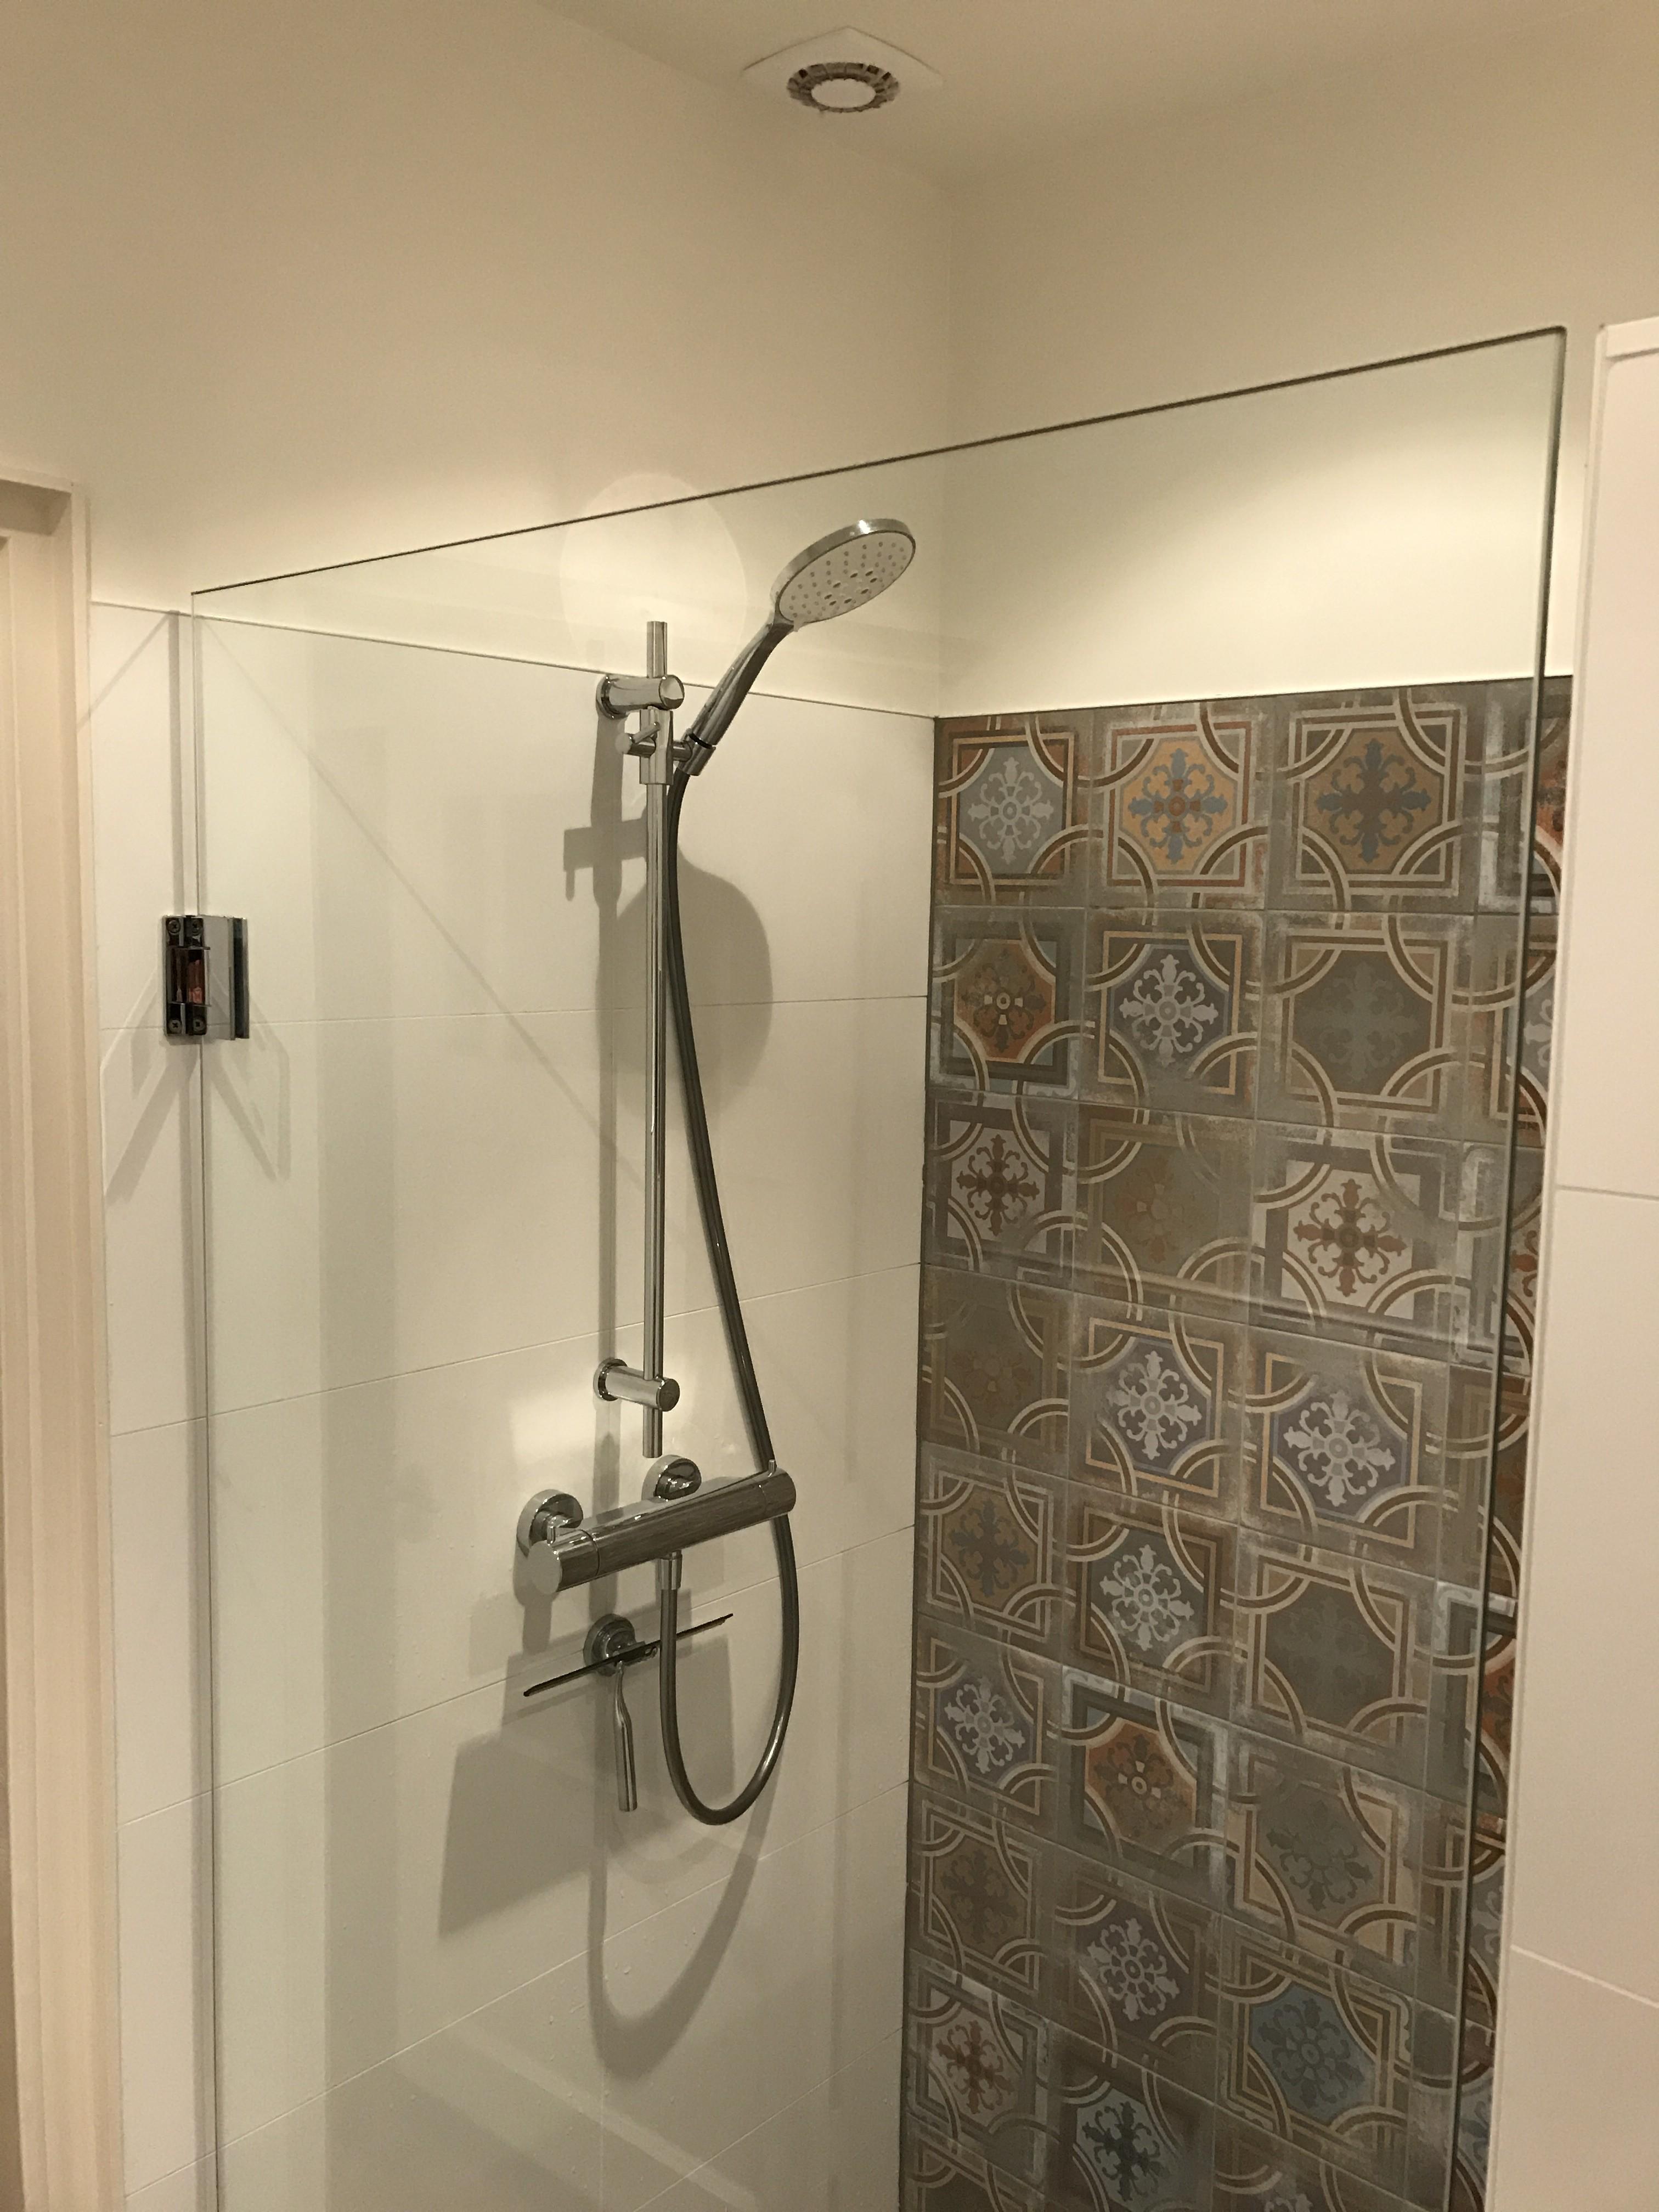 john de vries bouwprojecten renovatie badkamer utrecht